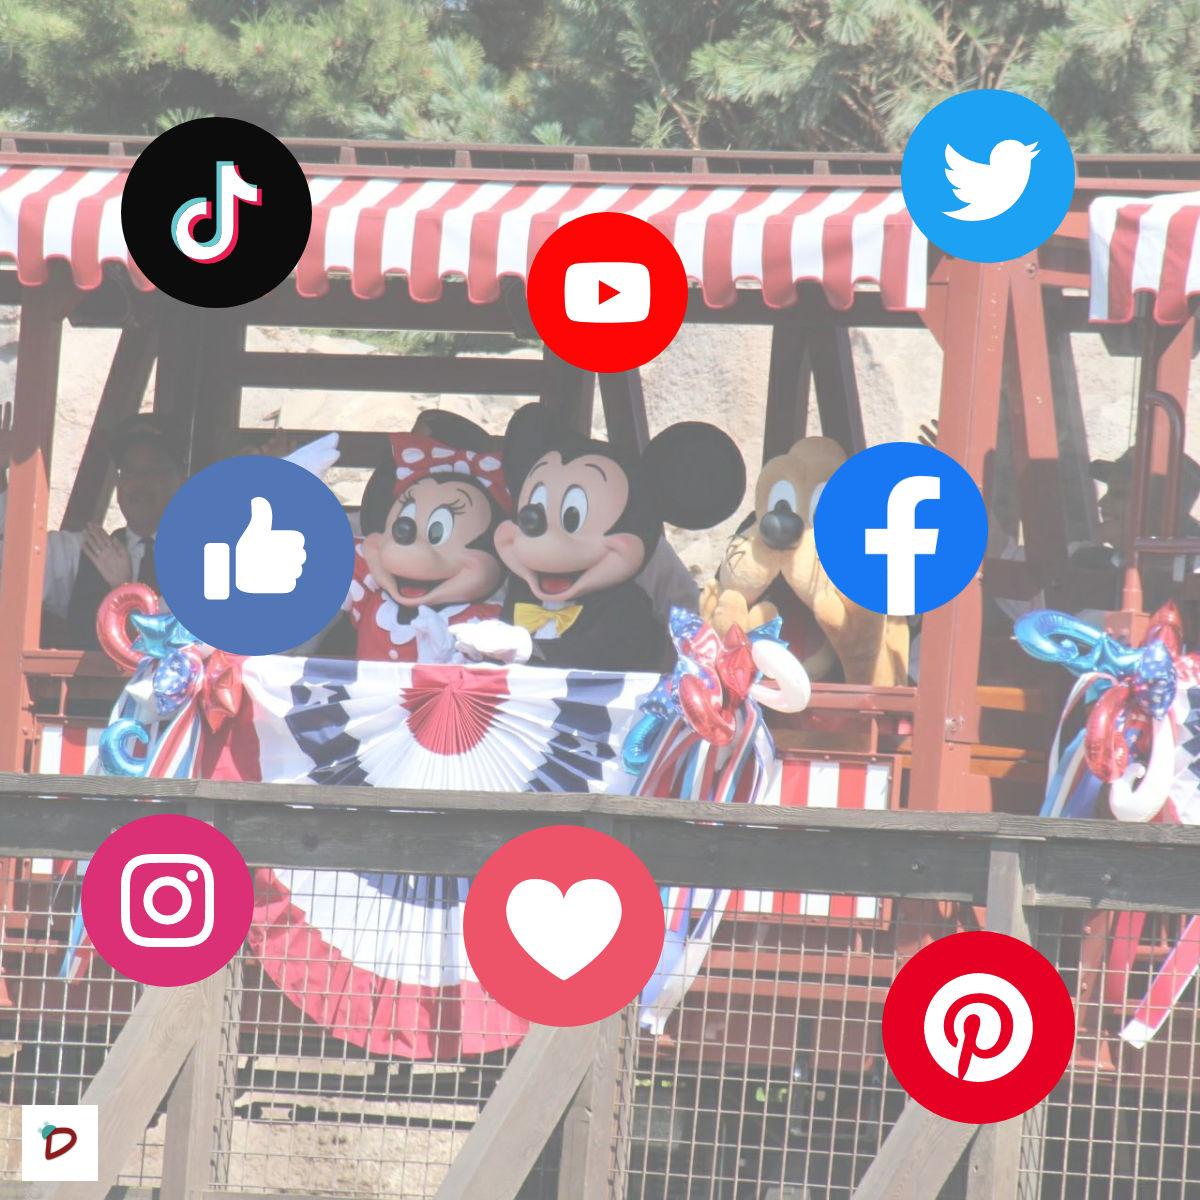 foto con Mickey, Minnie e iconos de redes sociales